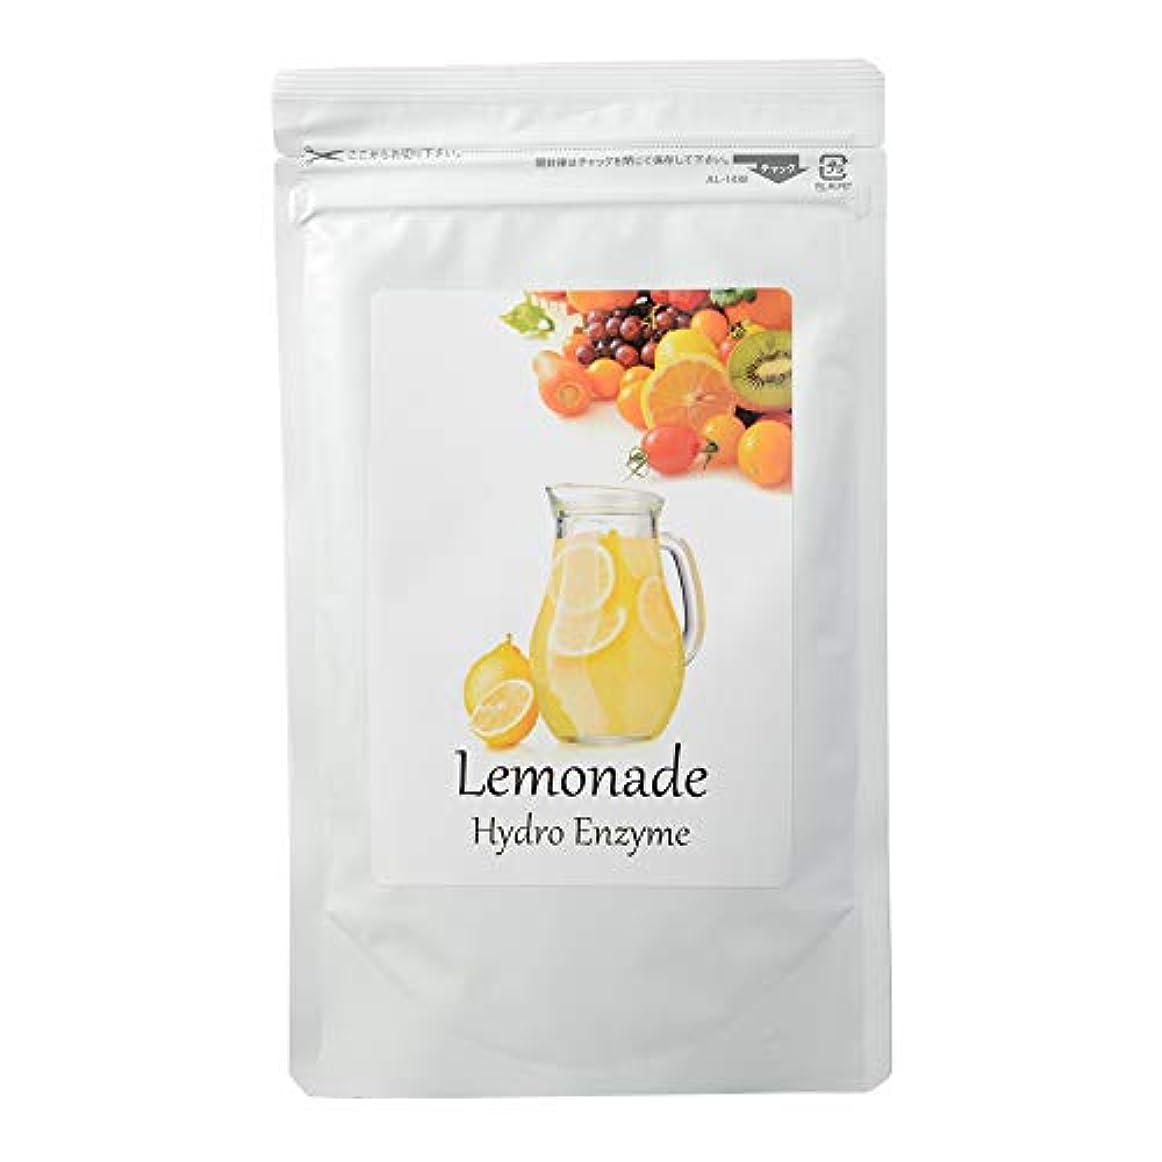 急いで科学者甘くするLemonade Hydro Enzyme (ダイエット ドリンク) レモネード 水素エンザイムダイエット 健康飲料 専用スプーン付 [内容量150g /説明書付き]